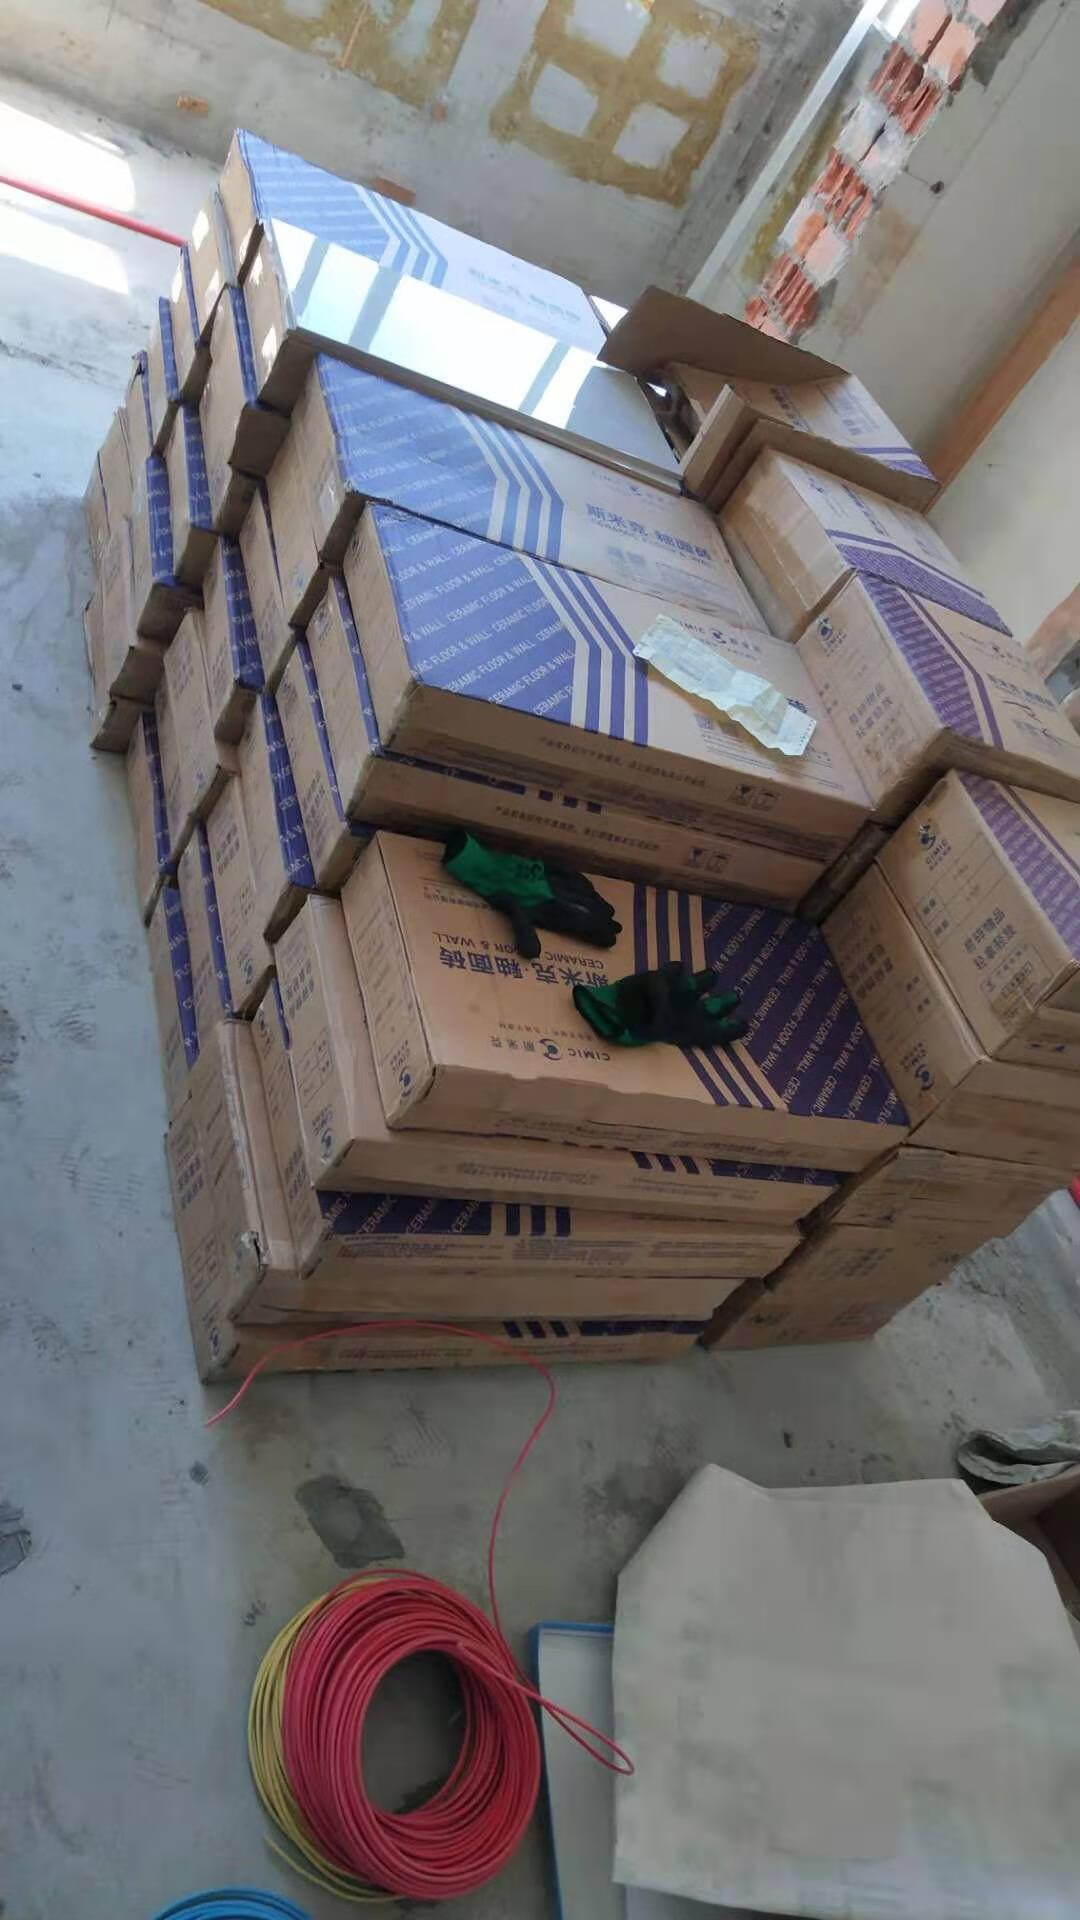 斯米克瓷砖圣白玉兰XWF513D厨卫瓷砖釉面砖厨房墙砖300x600单片价格需整箱下单300x300地砖【单片价_15片/箱】